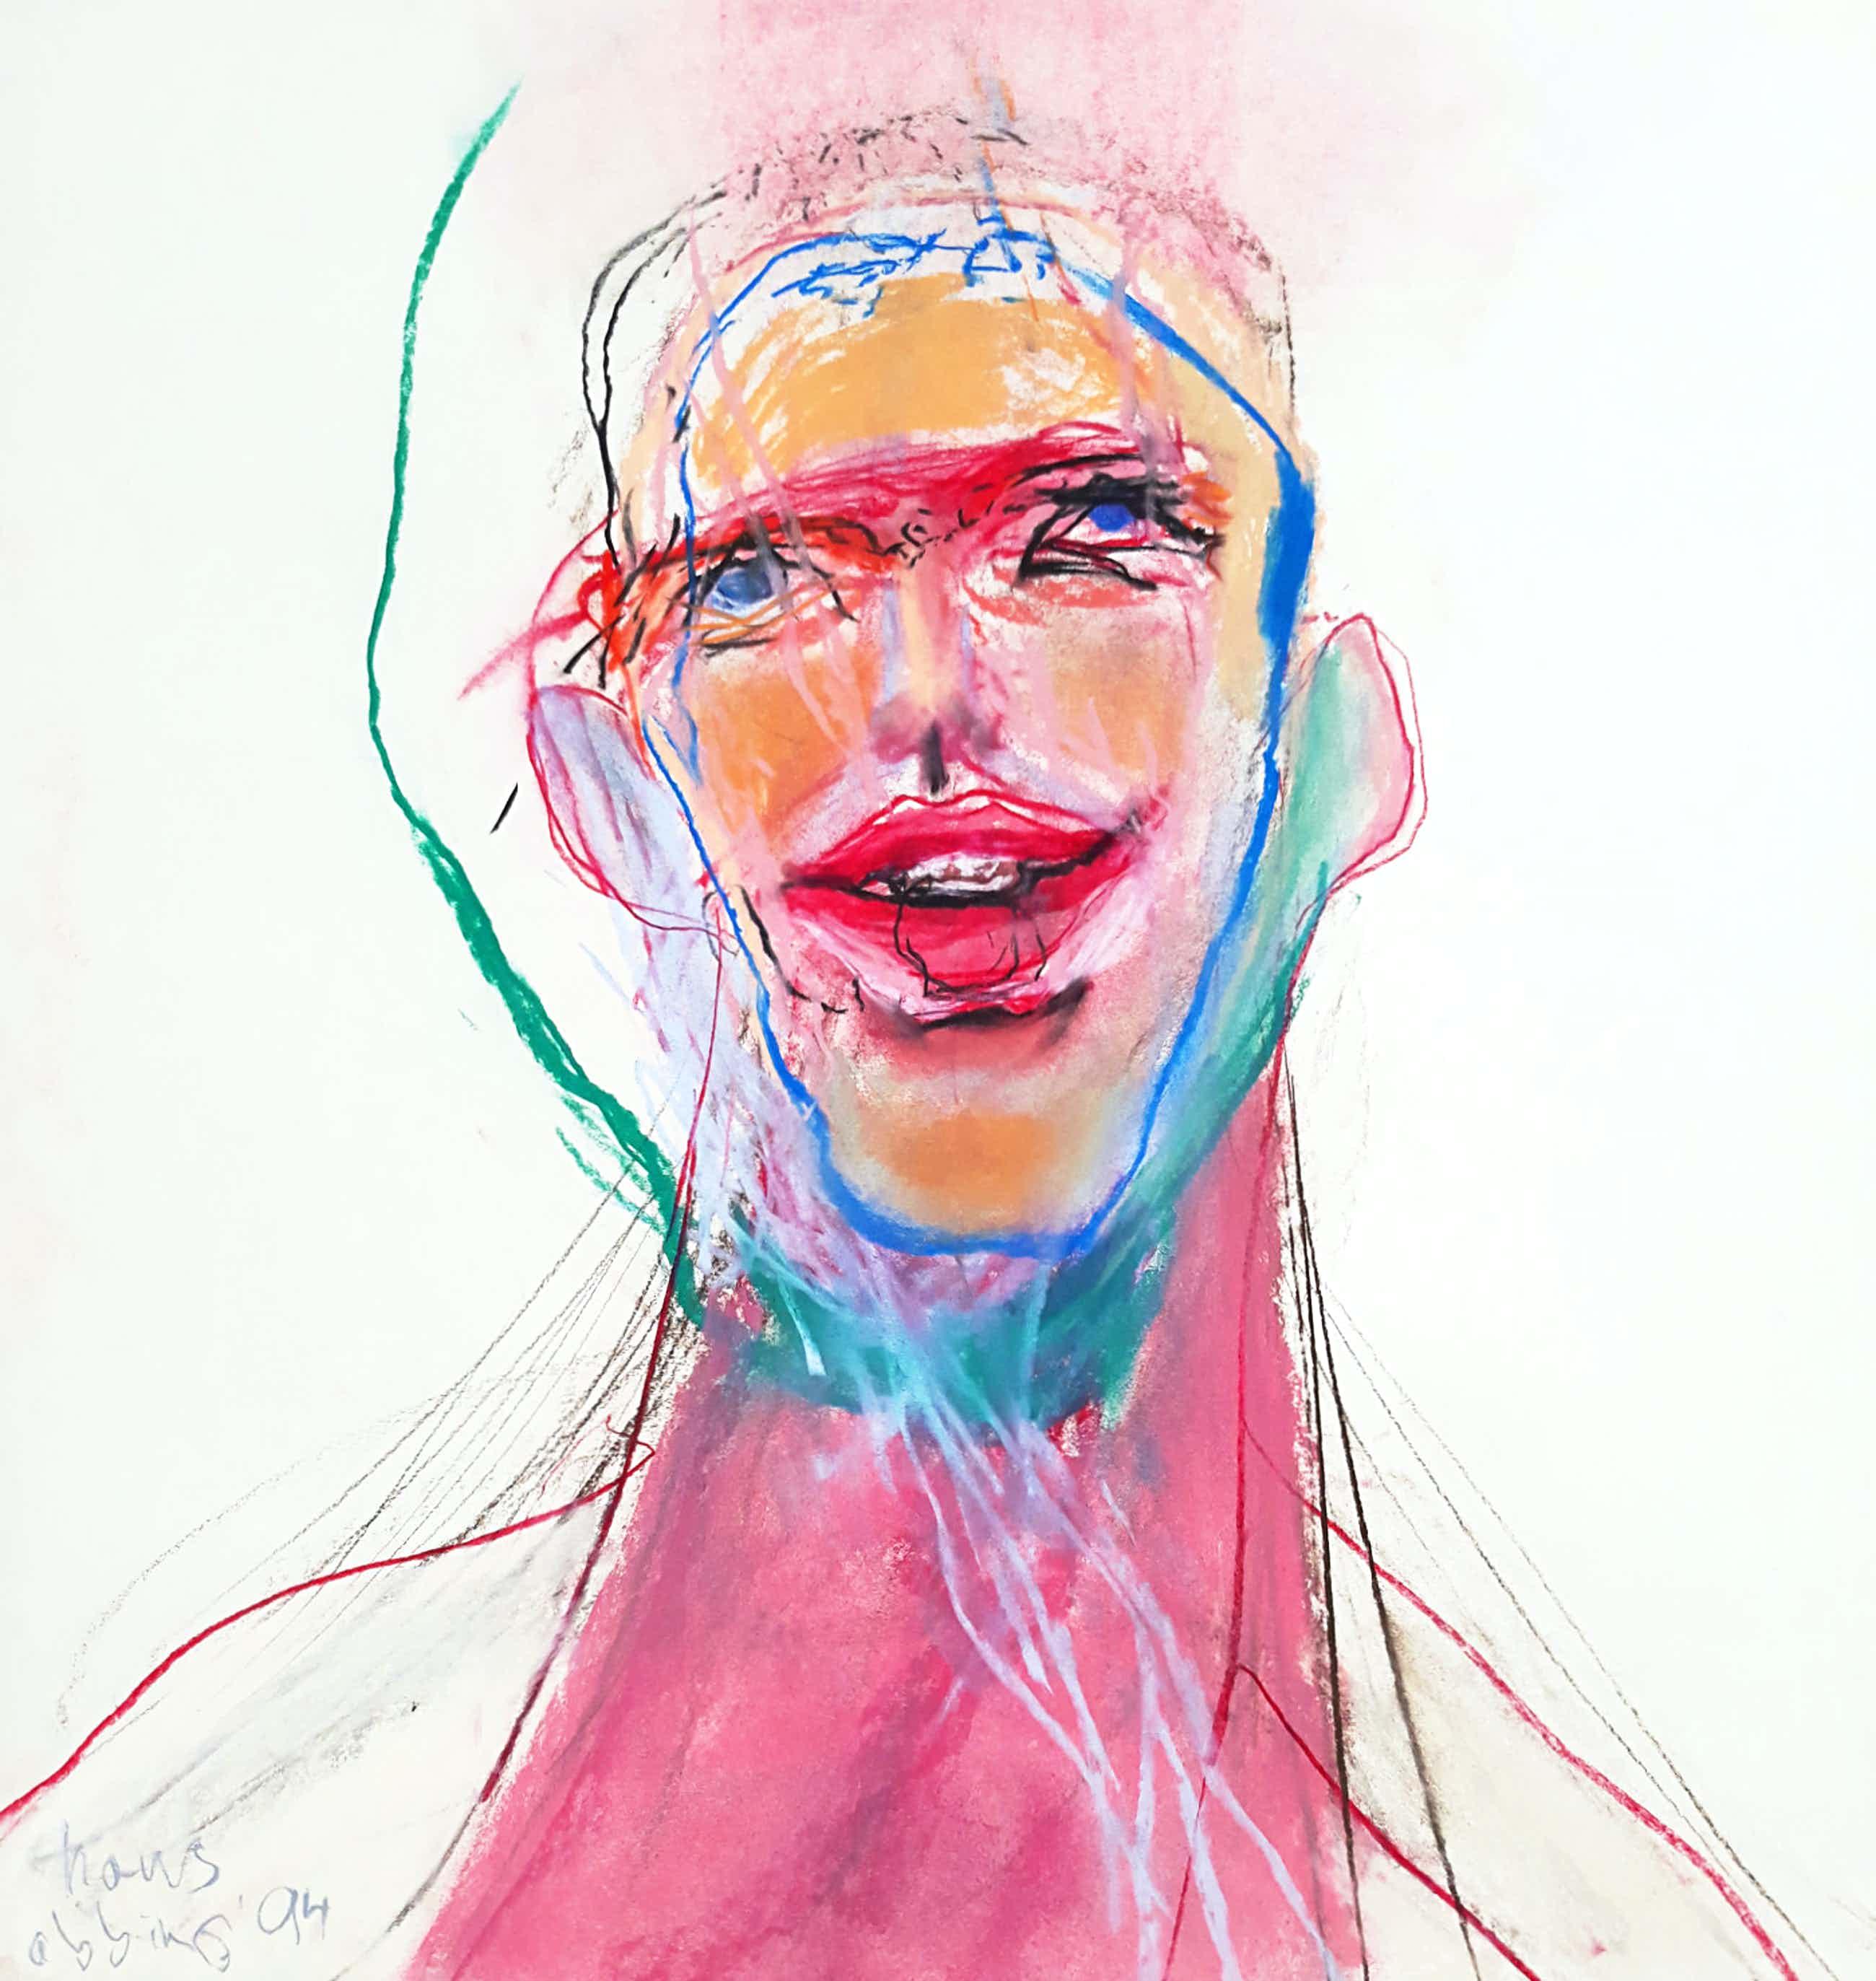 Hans Abbing - Portret van een man, tekening met pastelkrijt kopen? Bied vanaf 295!